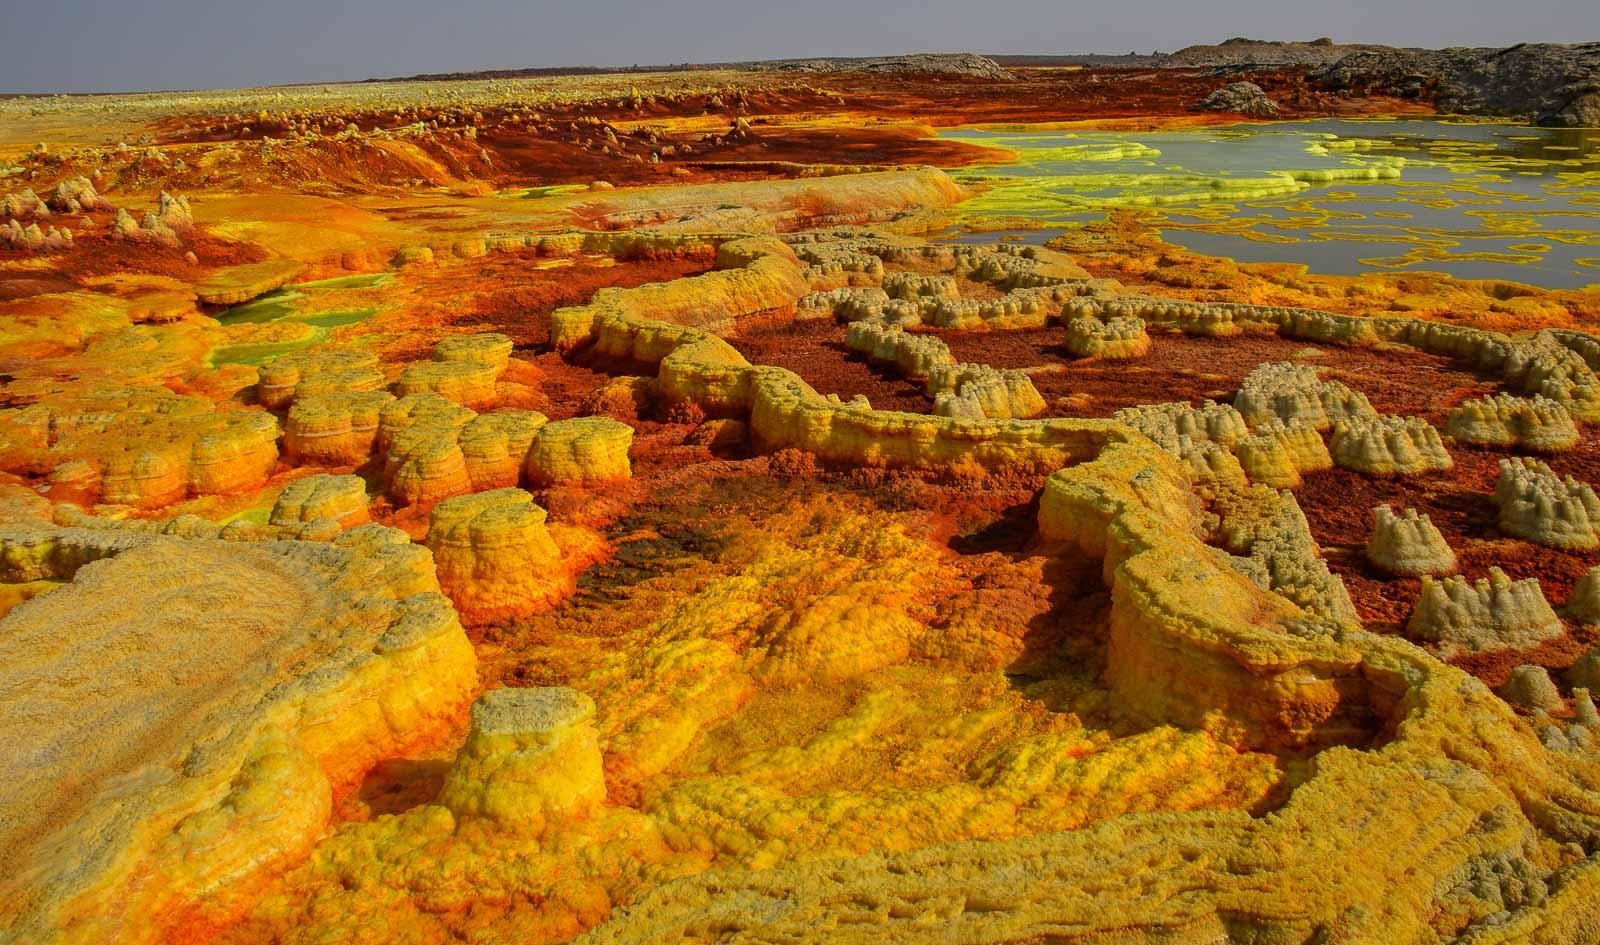 Les couleurs du sel, Danakil, Ethiopie 30